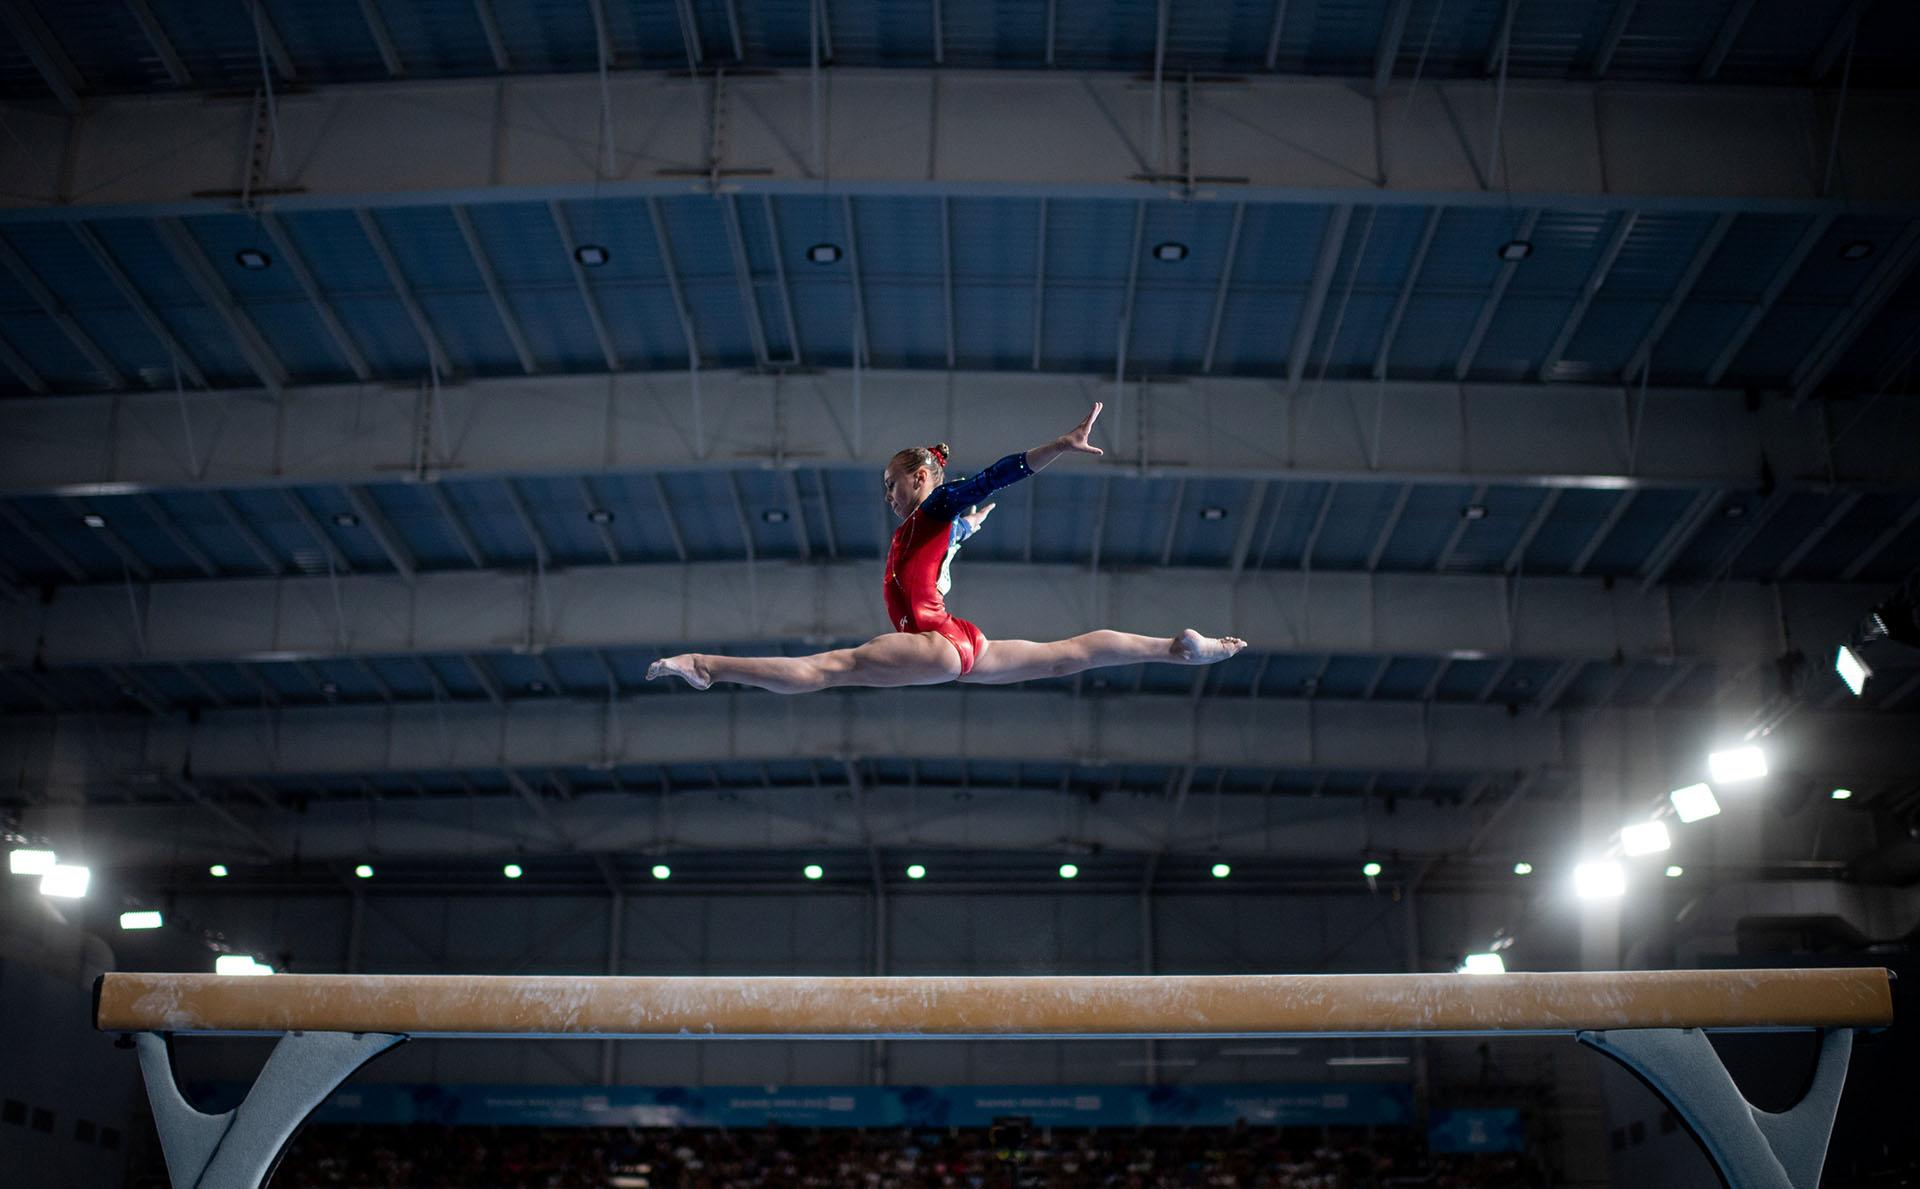 La rusa Kseniia Klimenko compite en la final de Viga de Gimnasia Artística en el Pabellón América de los Juegos Olímpicos de la Juventud Buenos Aires 2018 (REUTERS)